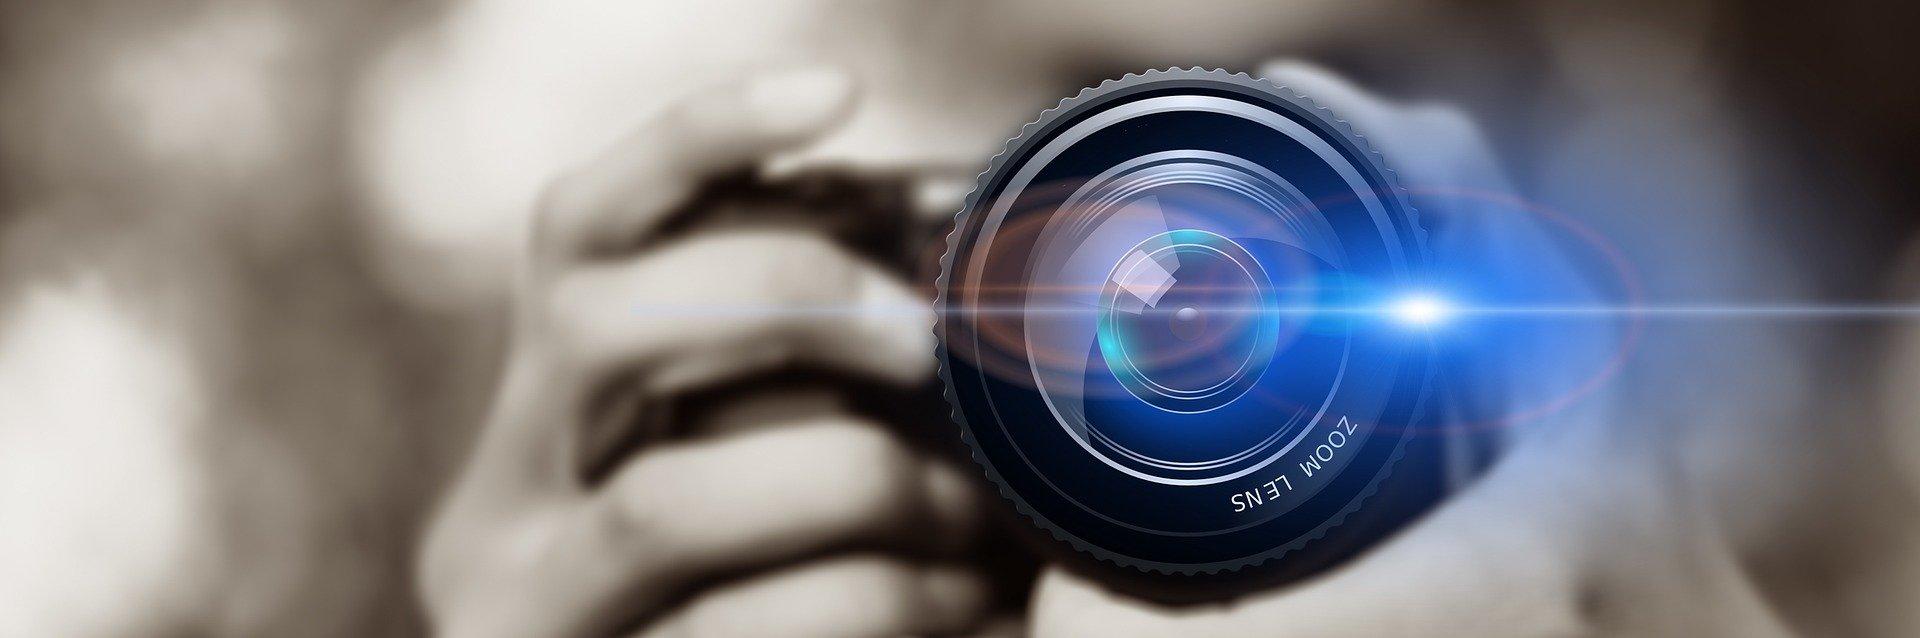 ¿Es lícito que un pub difunda imágenes y vídeos de clientes en sus redes sociales? ¿Sin consentimiento? La AEPD se pronuncia